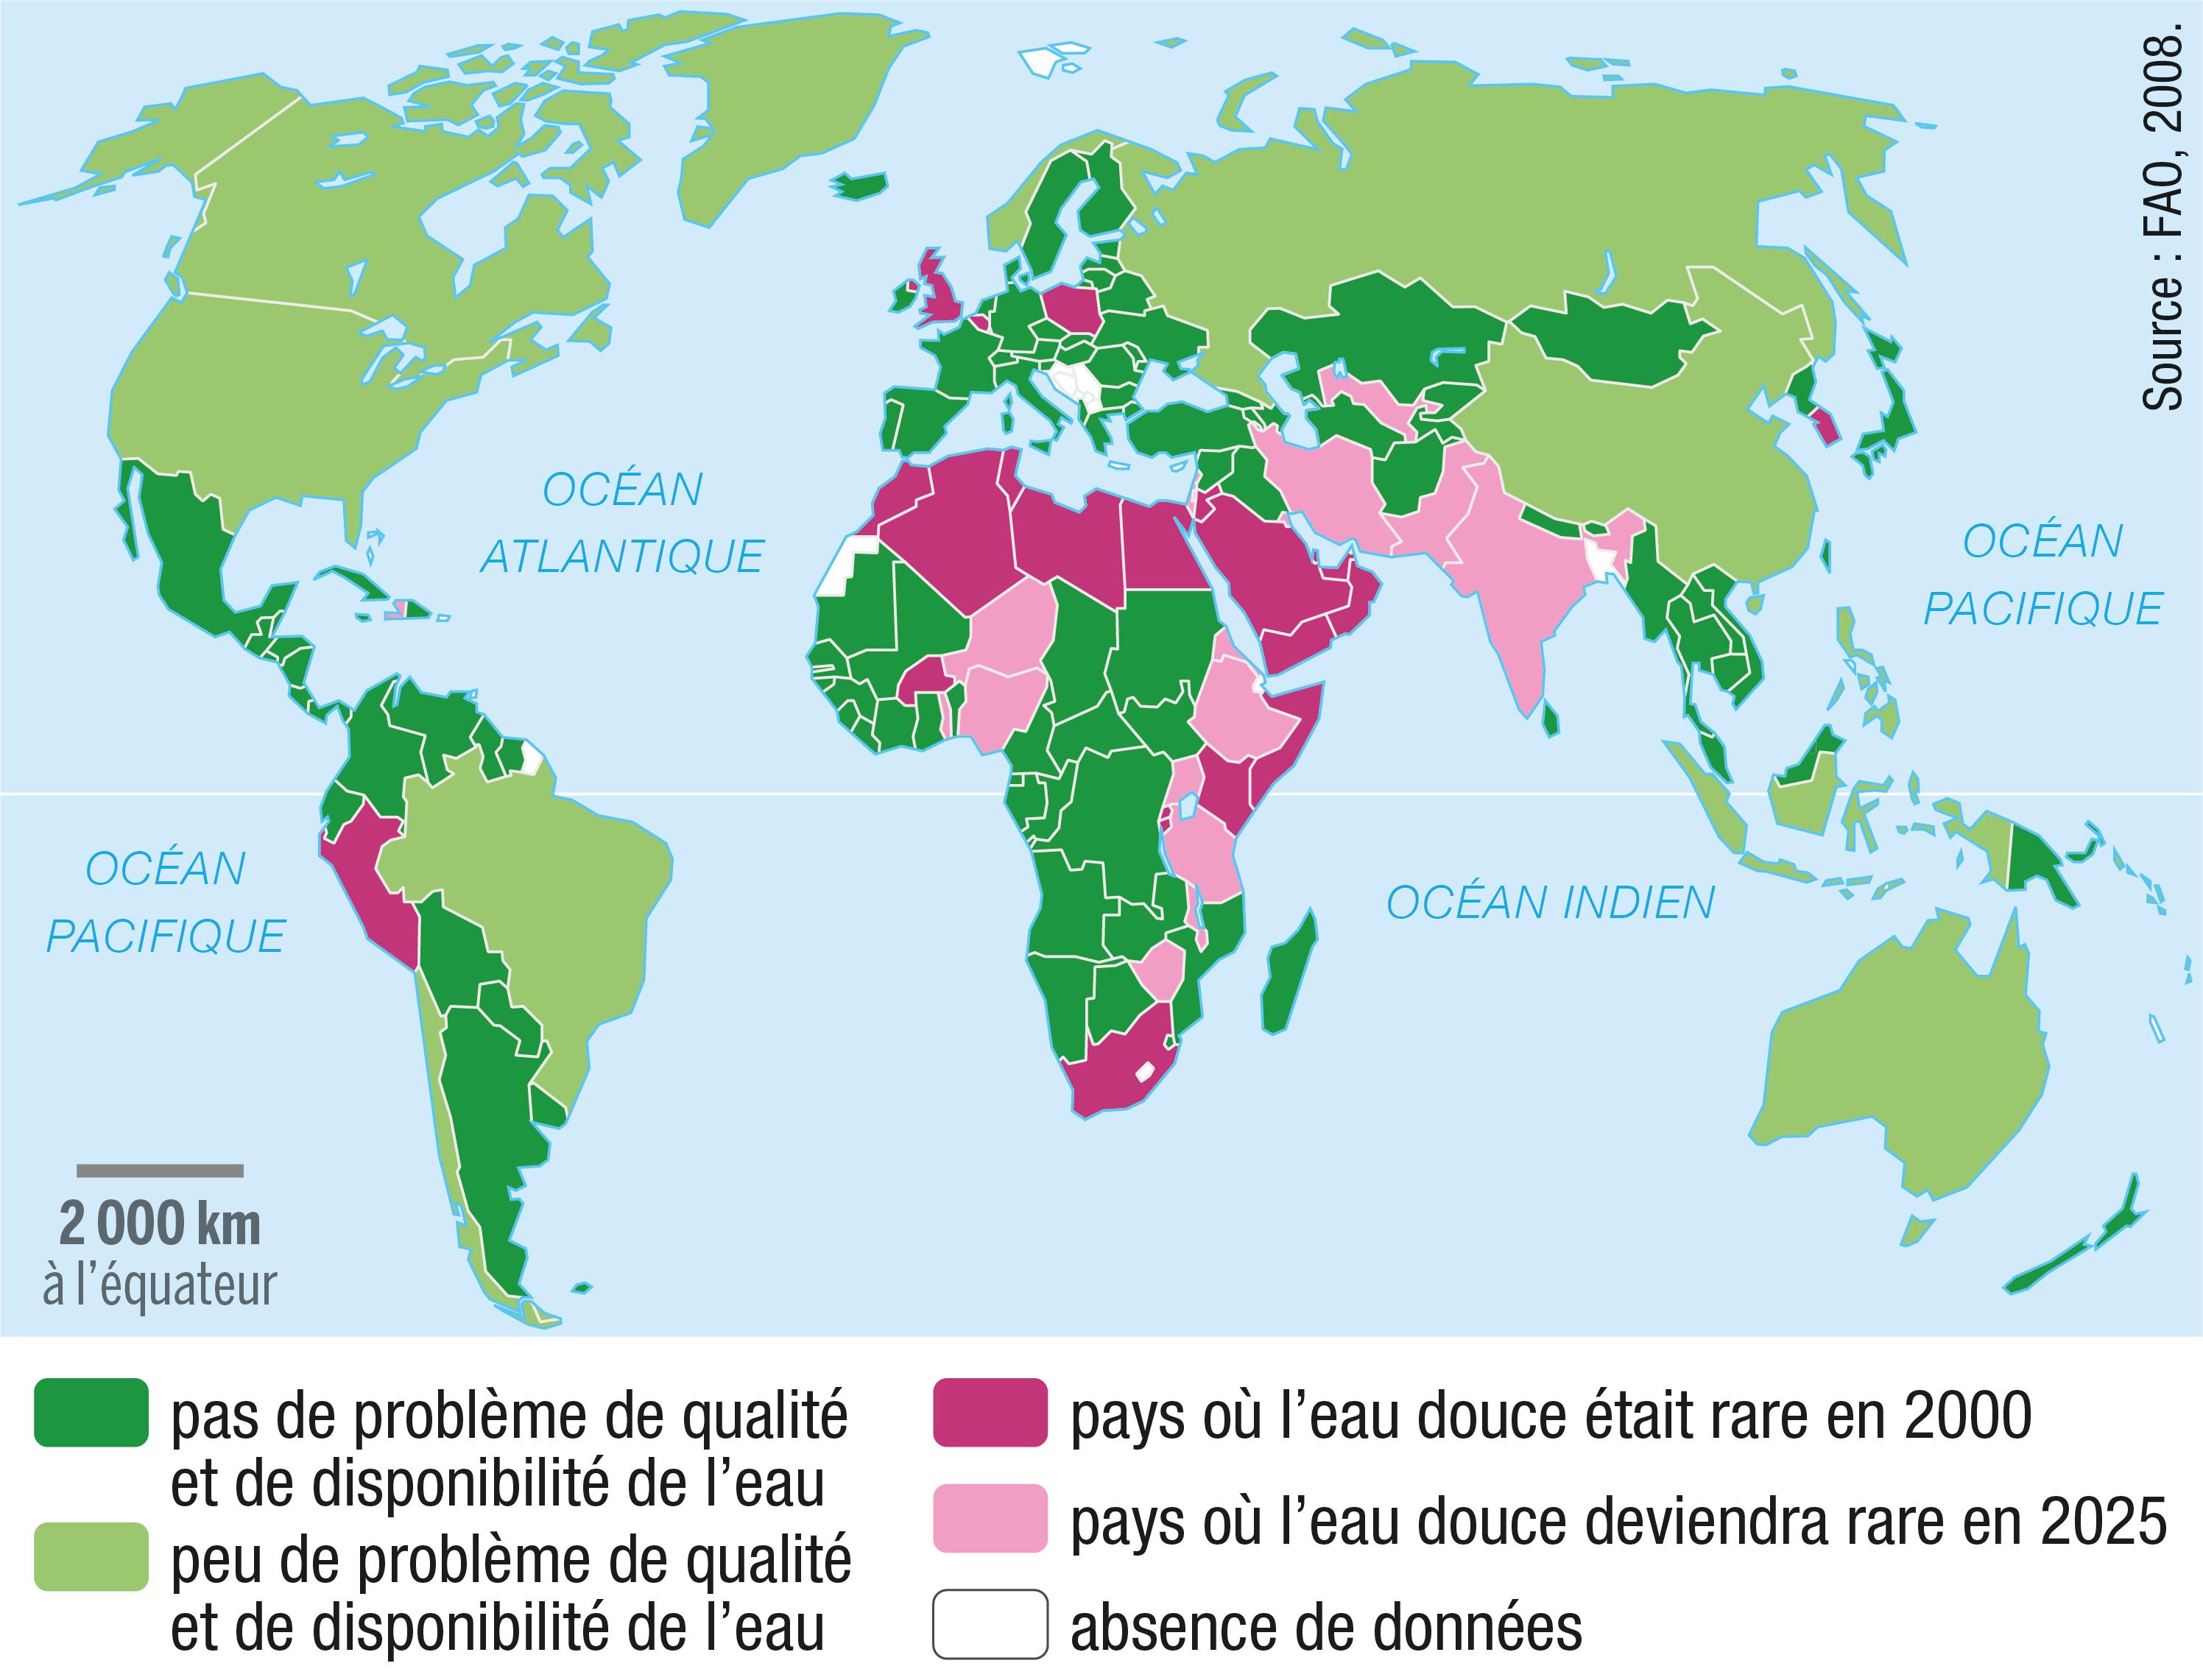 La disponibilité en eau douce en 2000 et les prévisions pour 2025.